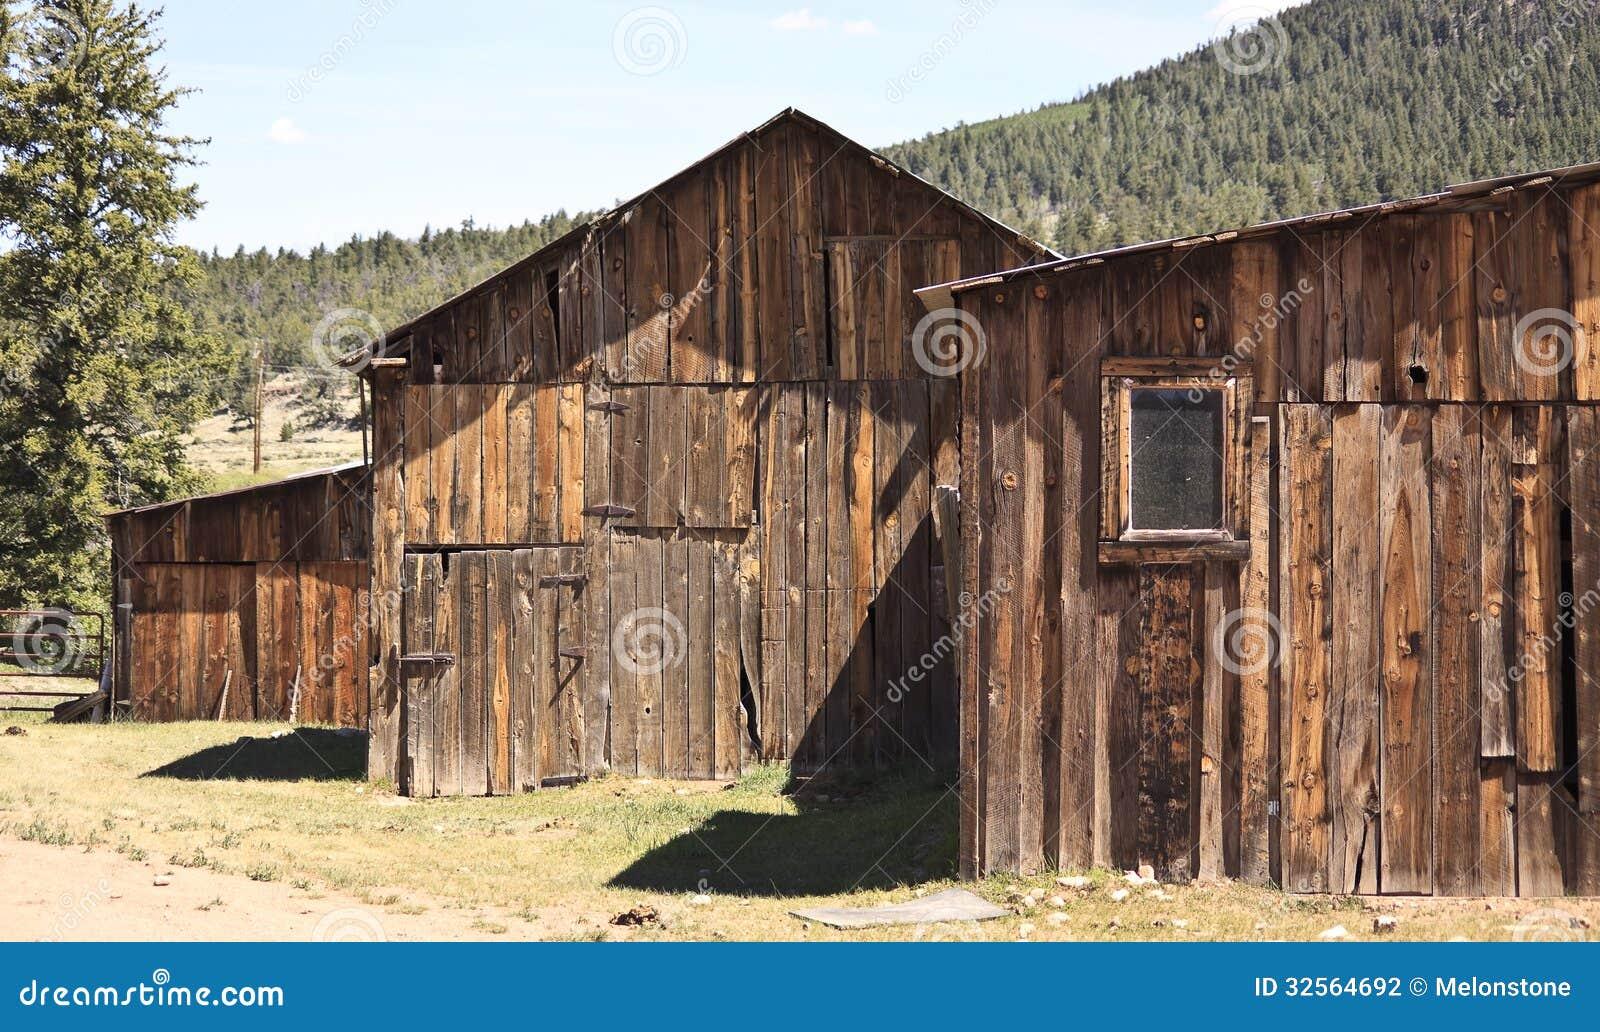 Historic Ranch Barns Stock Photo Image Of Original